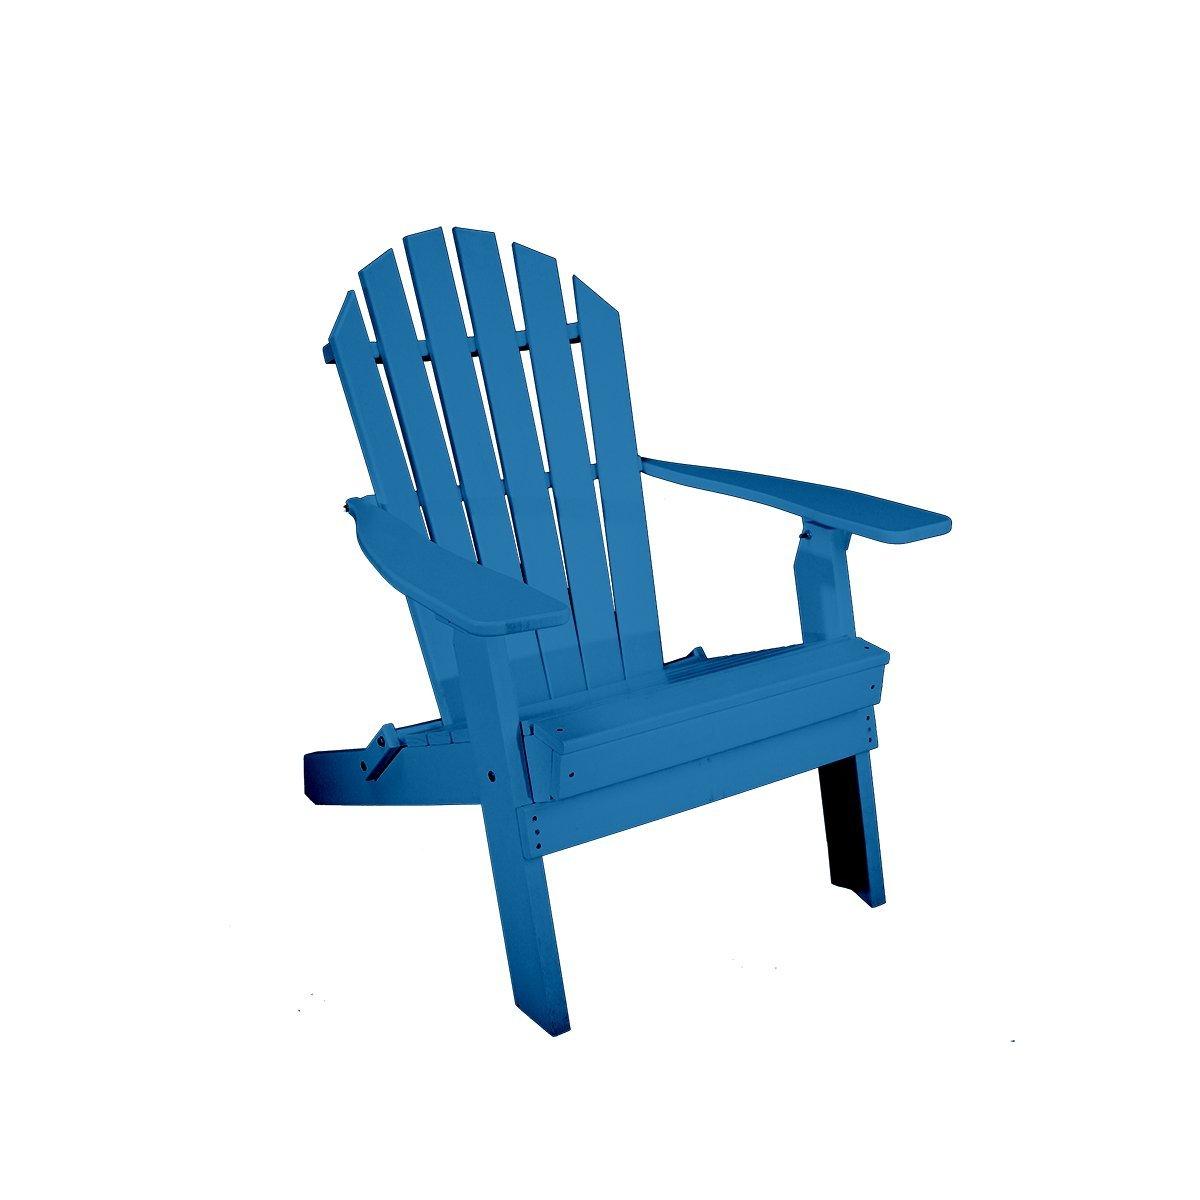 Rocky Ridge al aire libre muebles Adirondack silla plegable ...